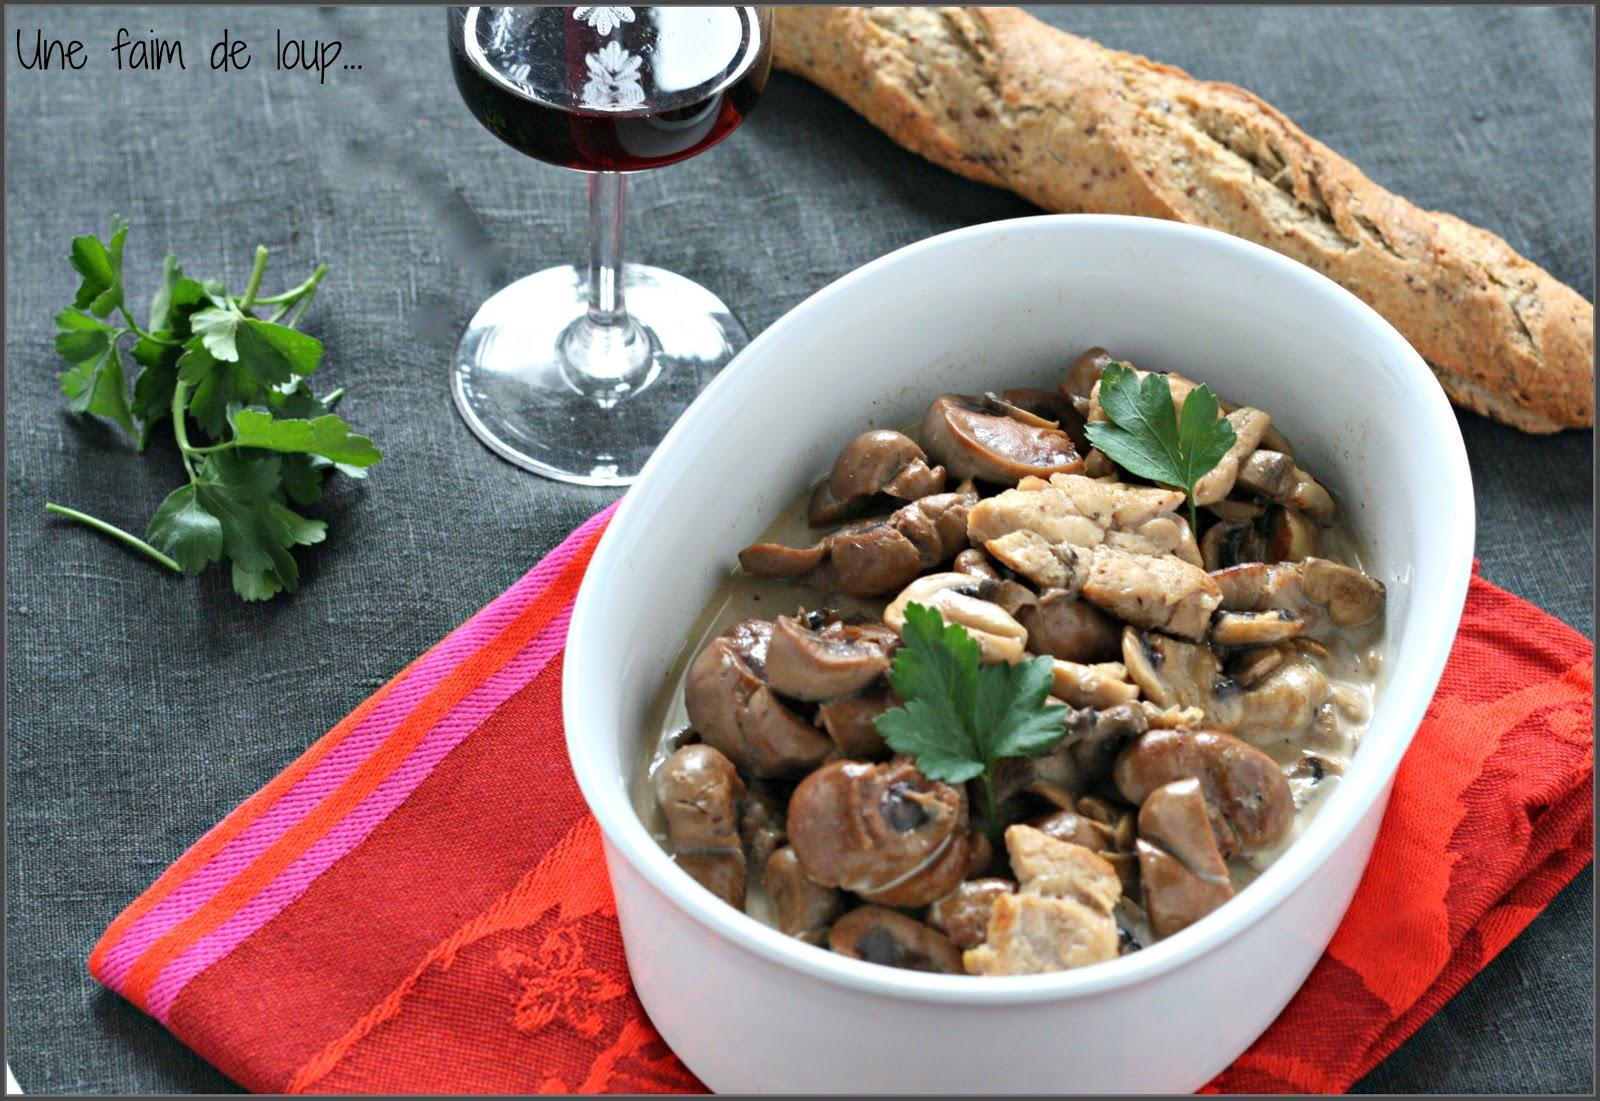 Une faim de loup rognons ris de veau champignons une beuchelle - Rognons de veau a la creme ...